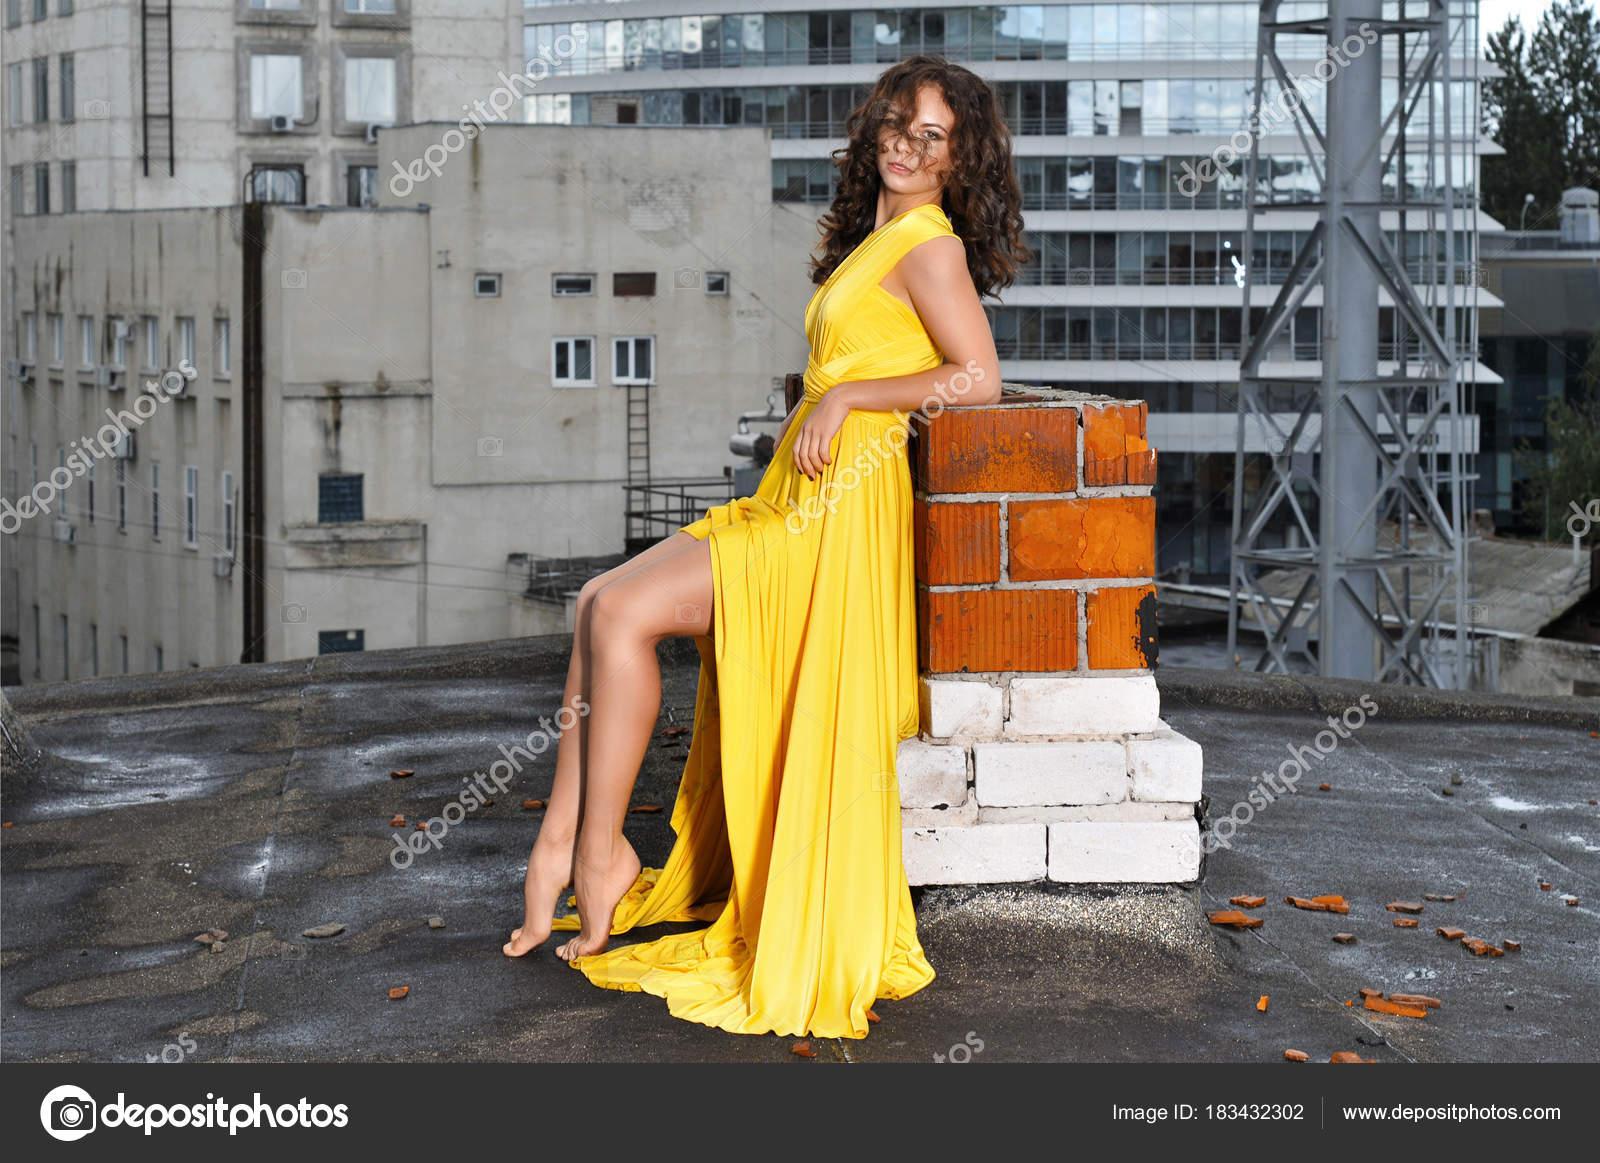 ab887cd1524b17 Jong Meisje Een Lang Gele Jurk Het Dak Van Een — Stockfoto © xxx ...